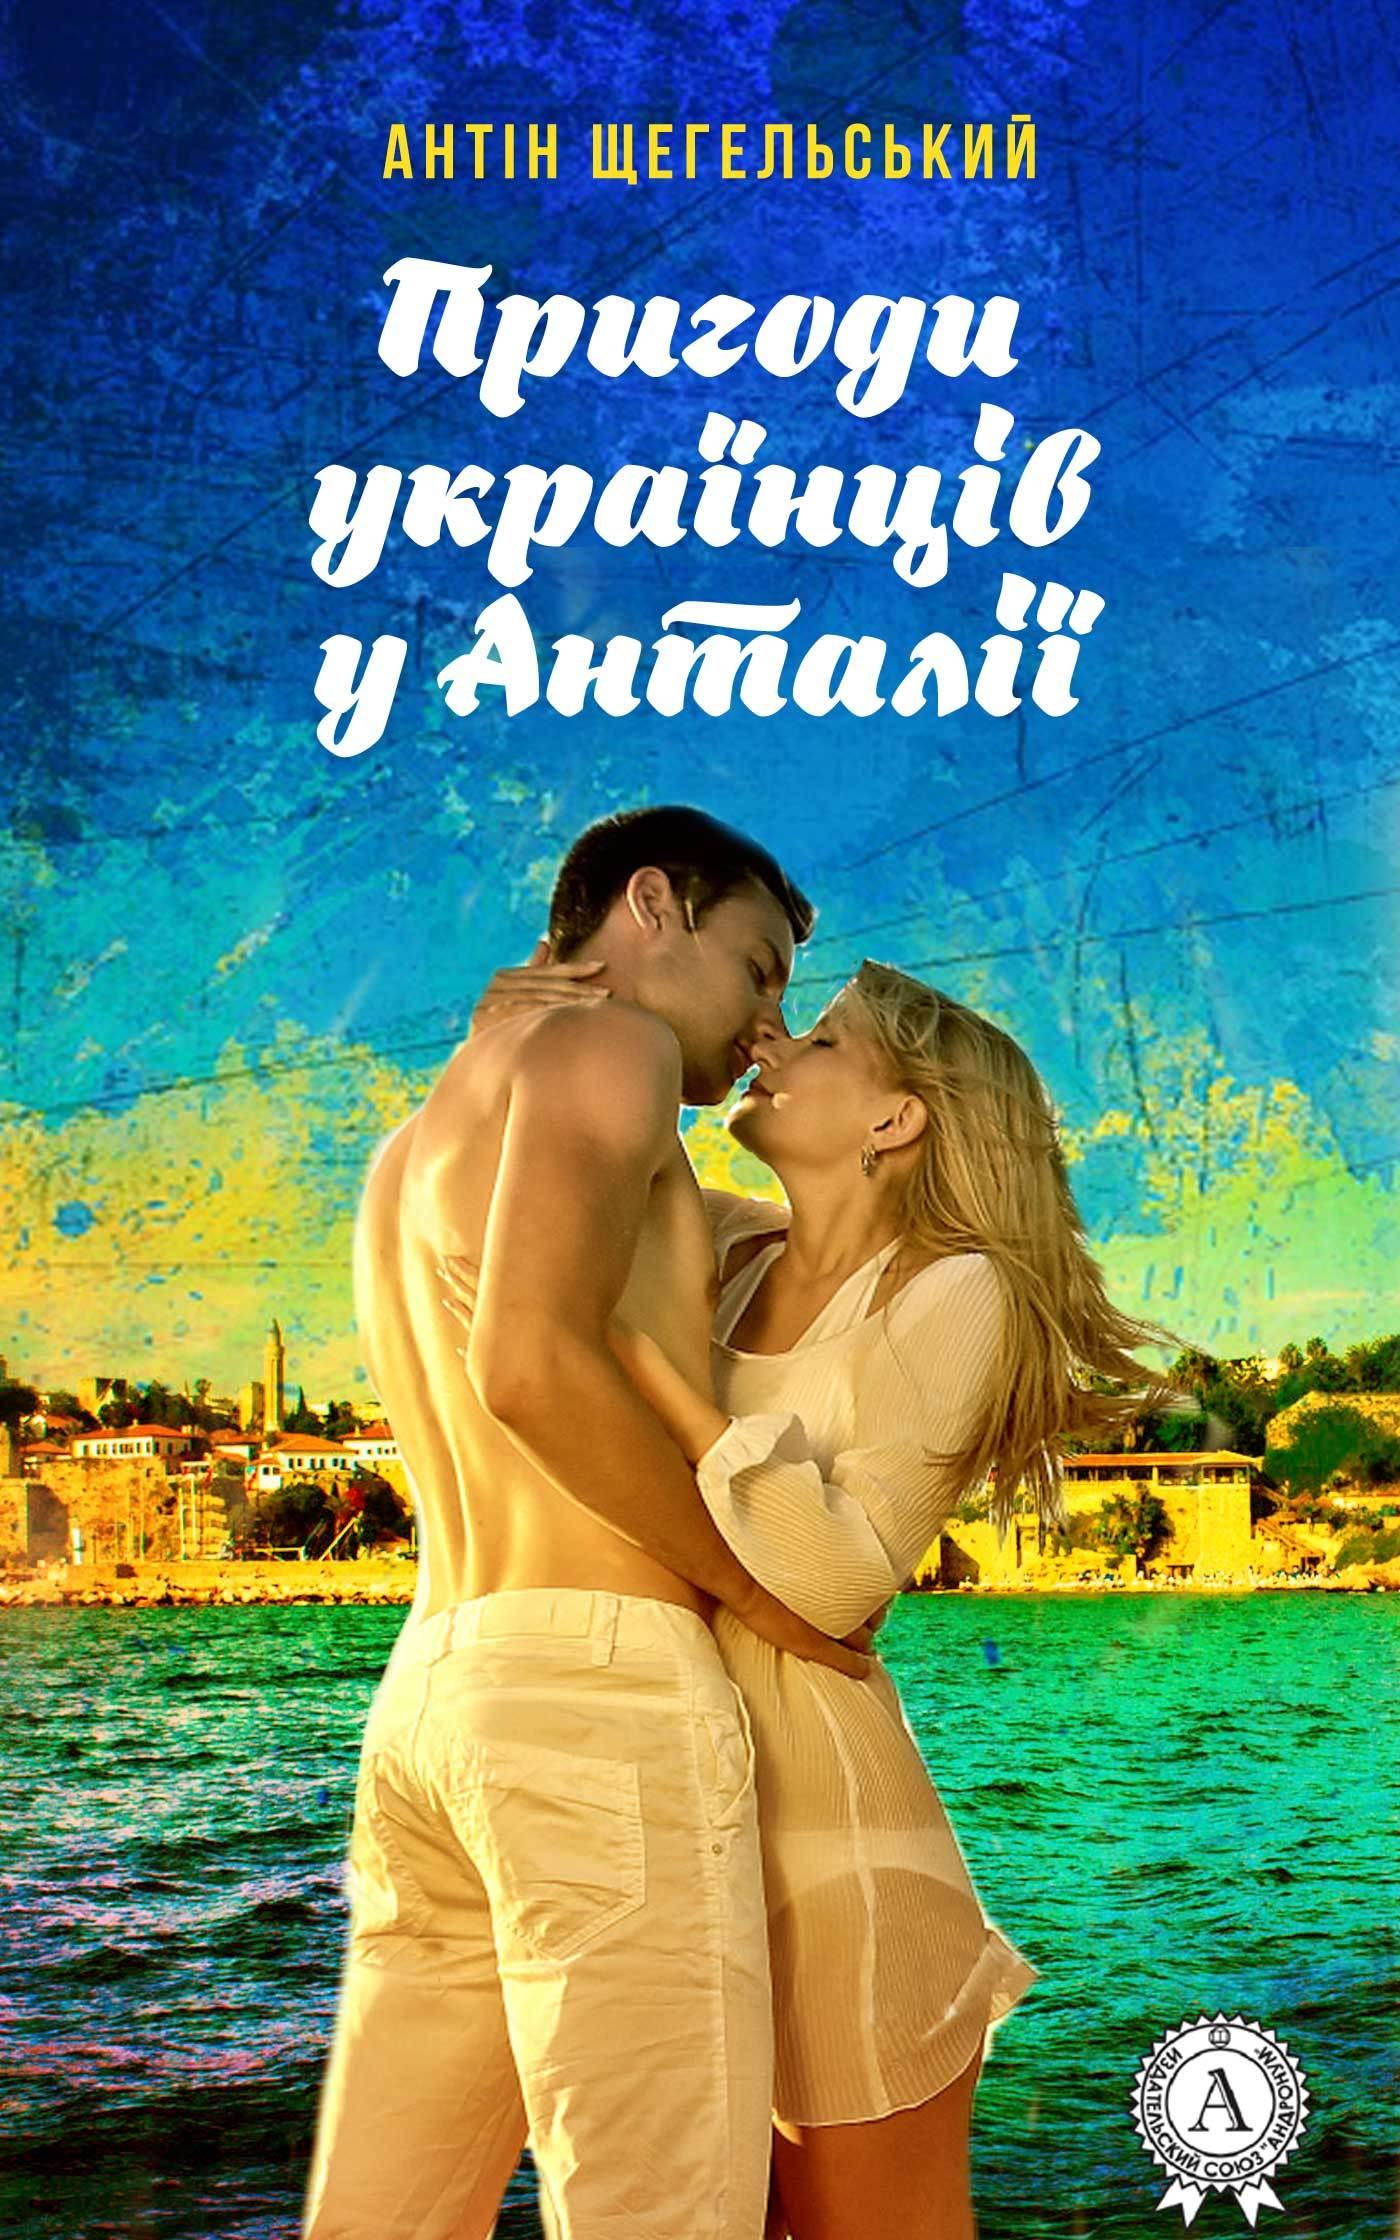 Пригоди укранцв у Антал происходит романтически и возвышенно